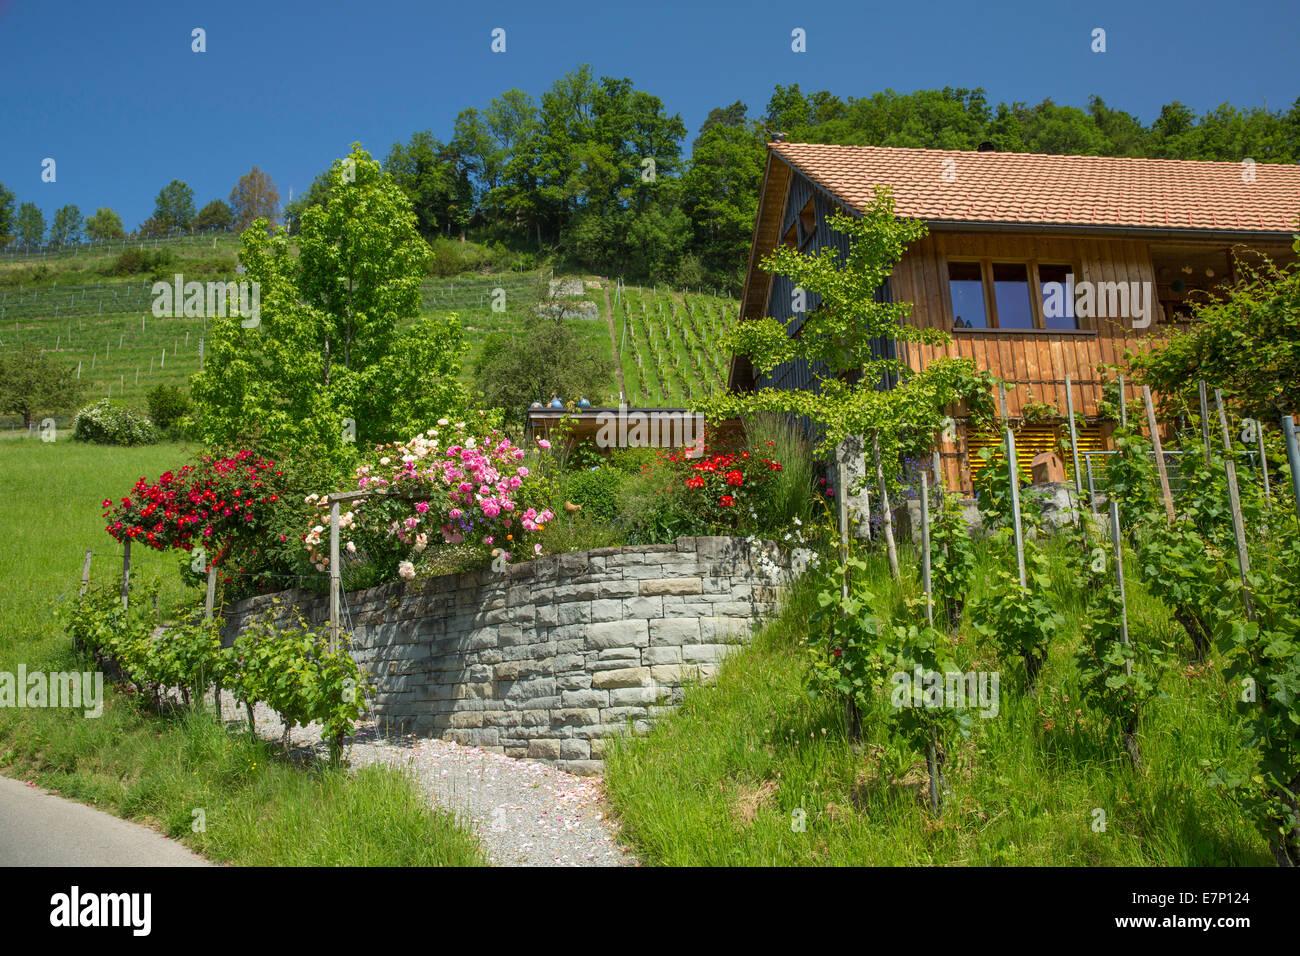 Maisons, Maisons, Wienacht-Tobel, cantons, Appenzell Rhodes-Extérieures Herisau,,, la Suisse, l'Europe, Photo Stock